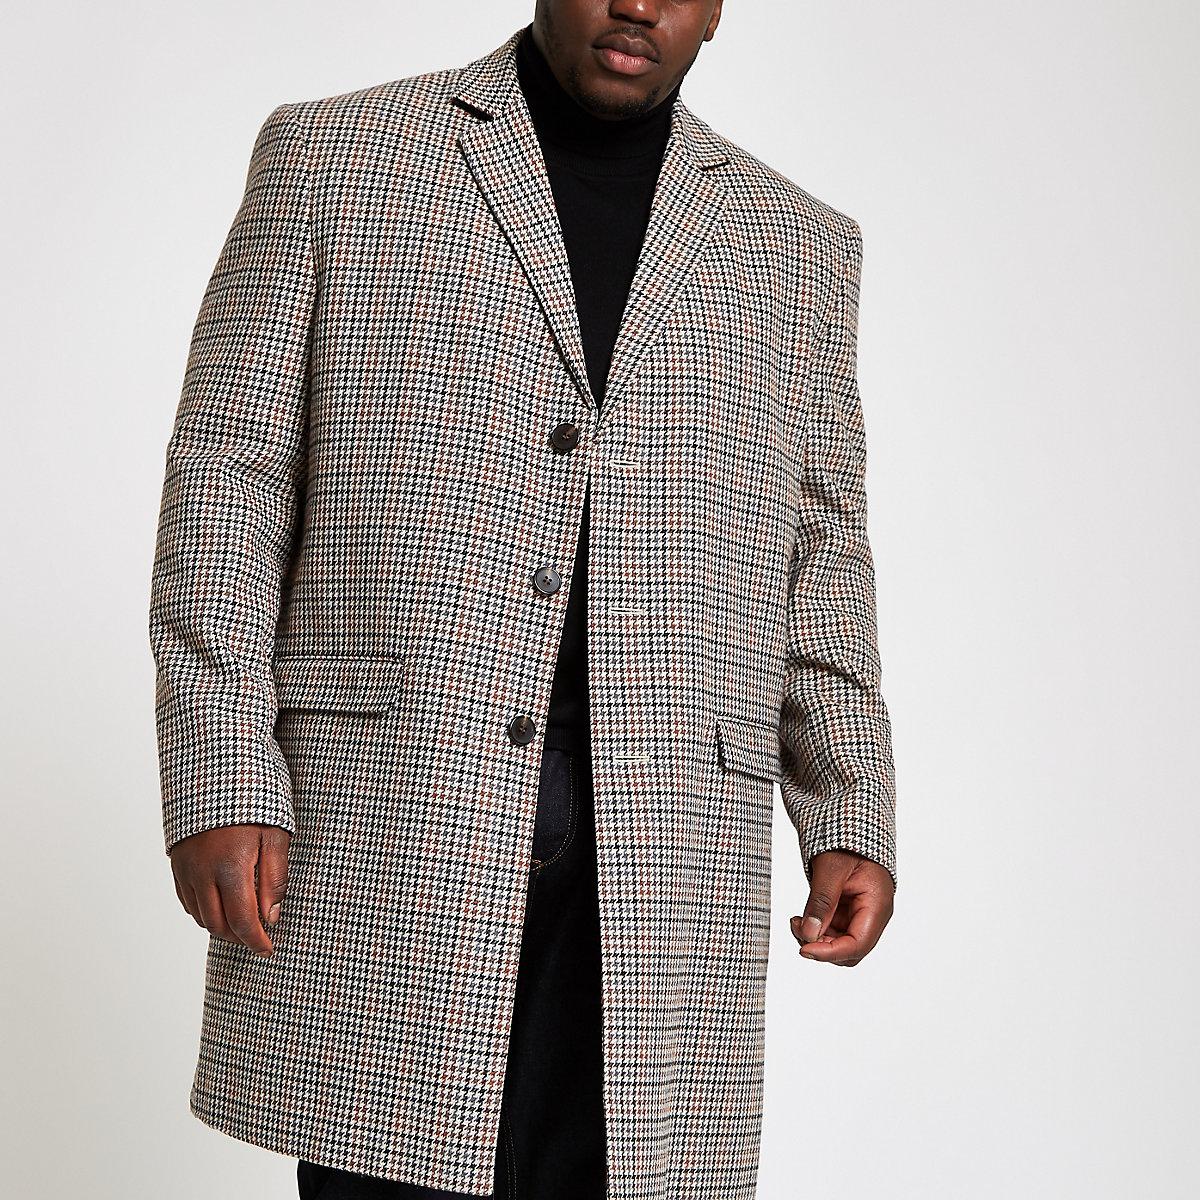 Big & Tall – Brauner, eleganter Mantel mit Karos